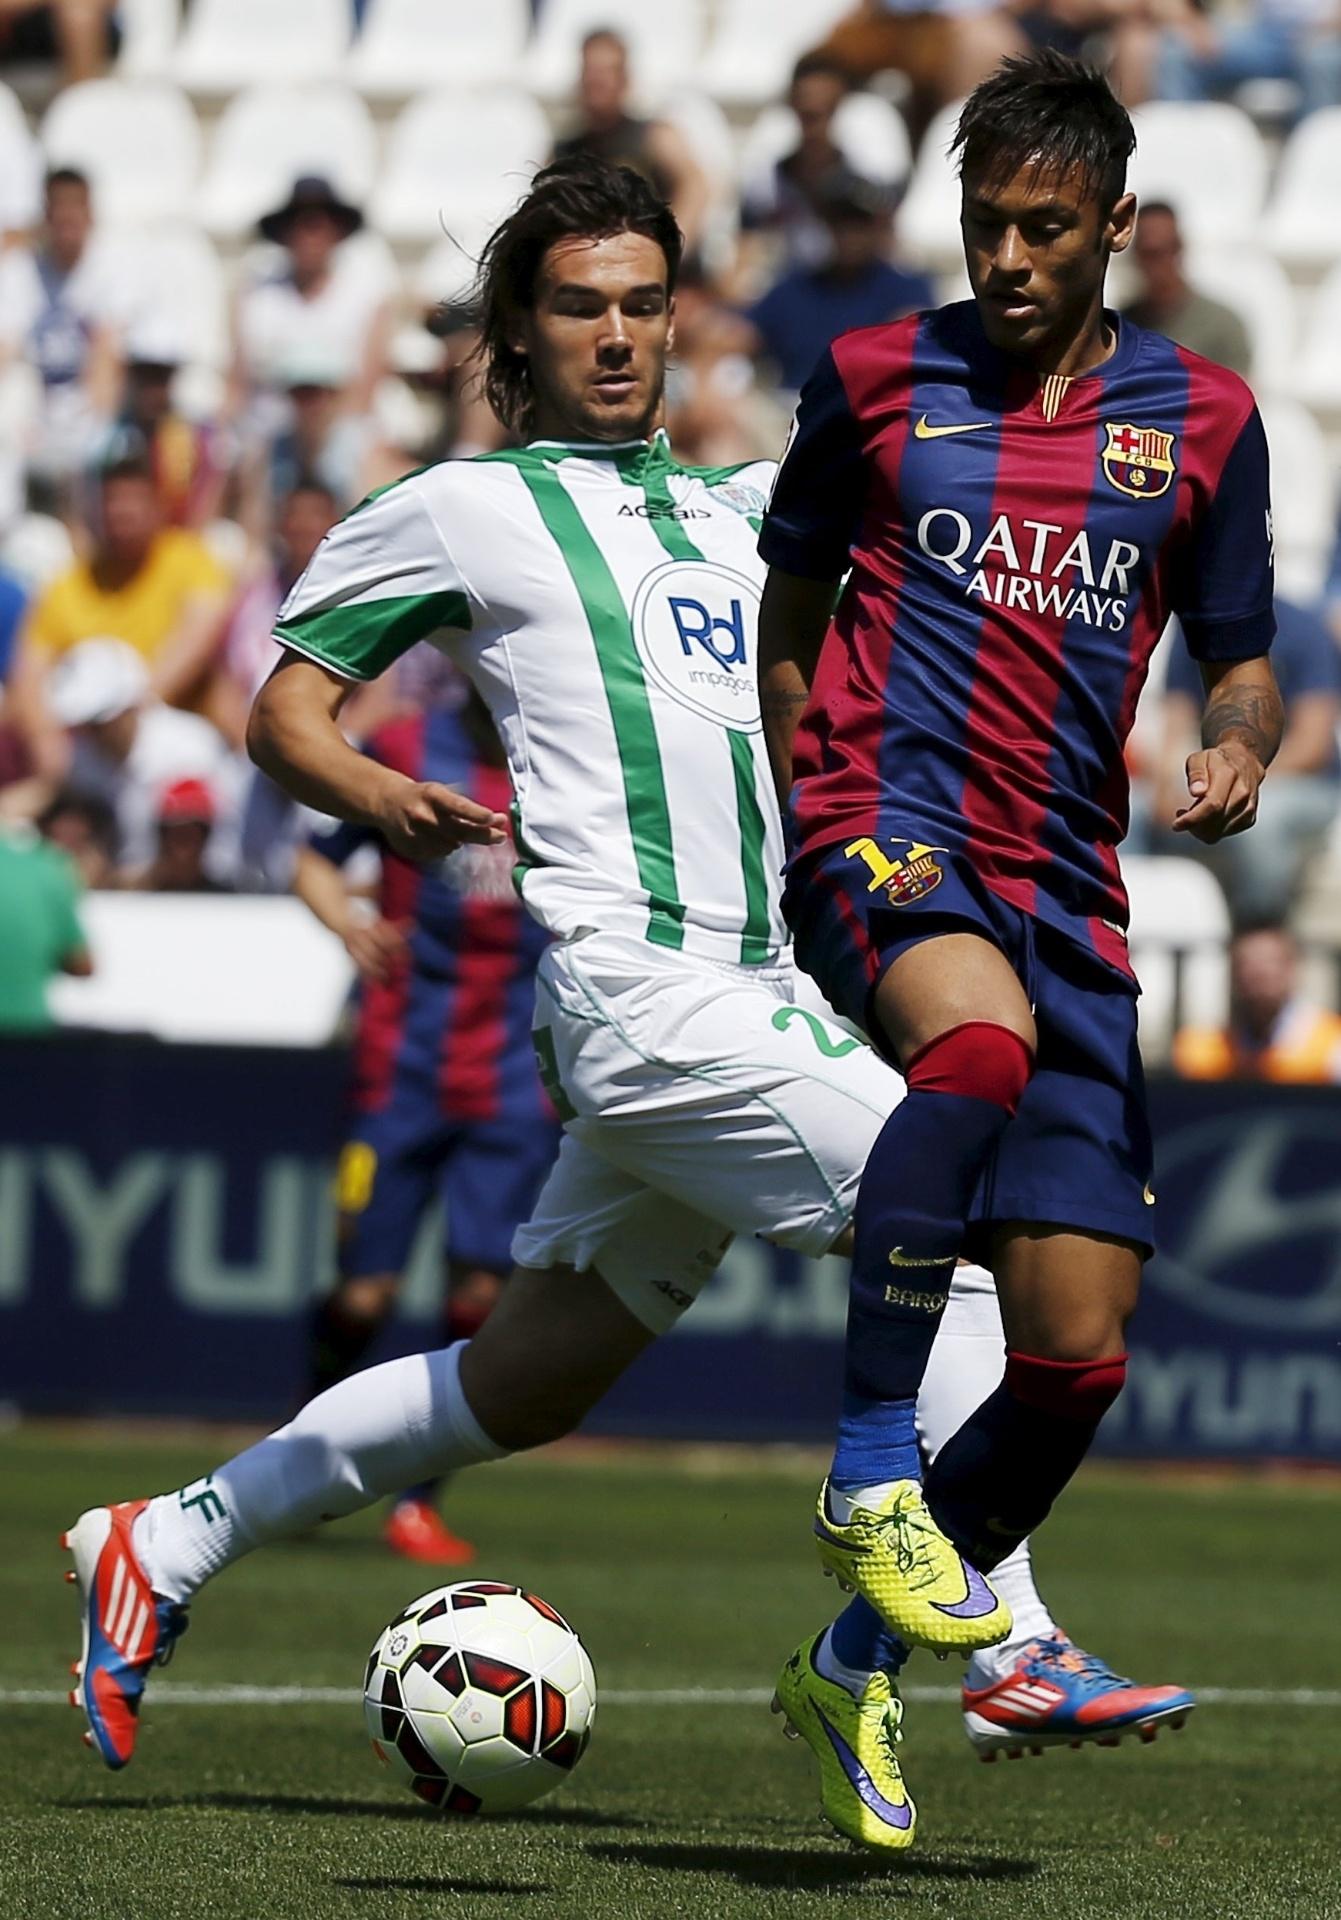 Neymar recebe a marcação de Rene Krhin em partida do Barcelona contra o Córdoba